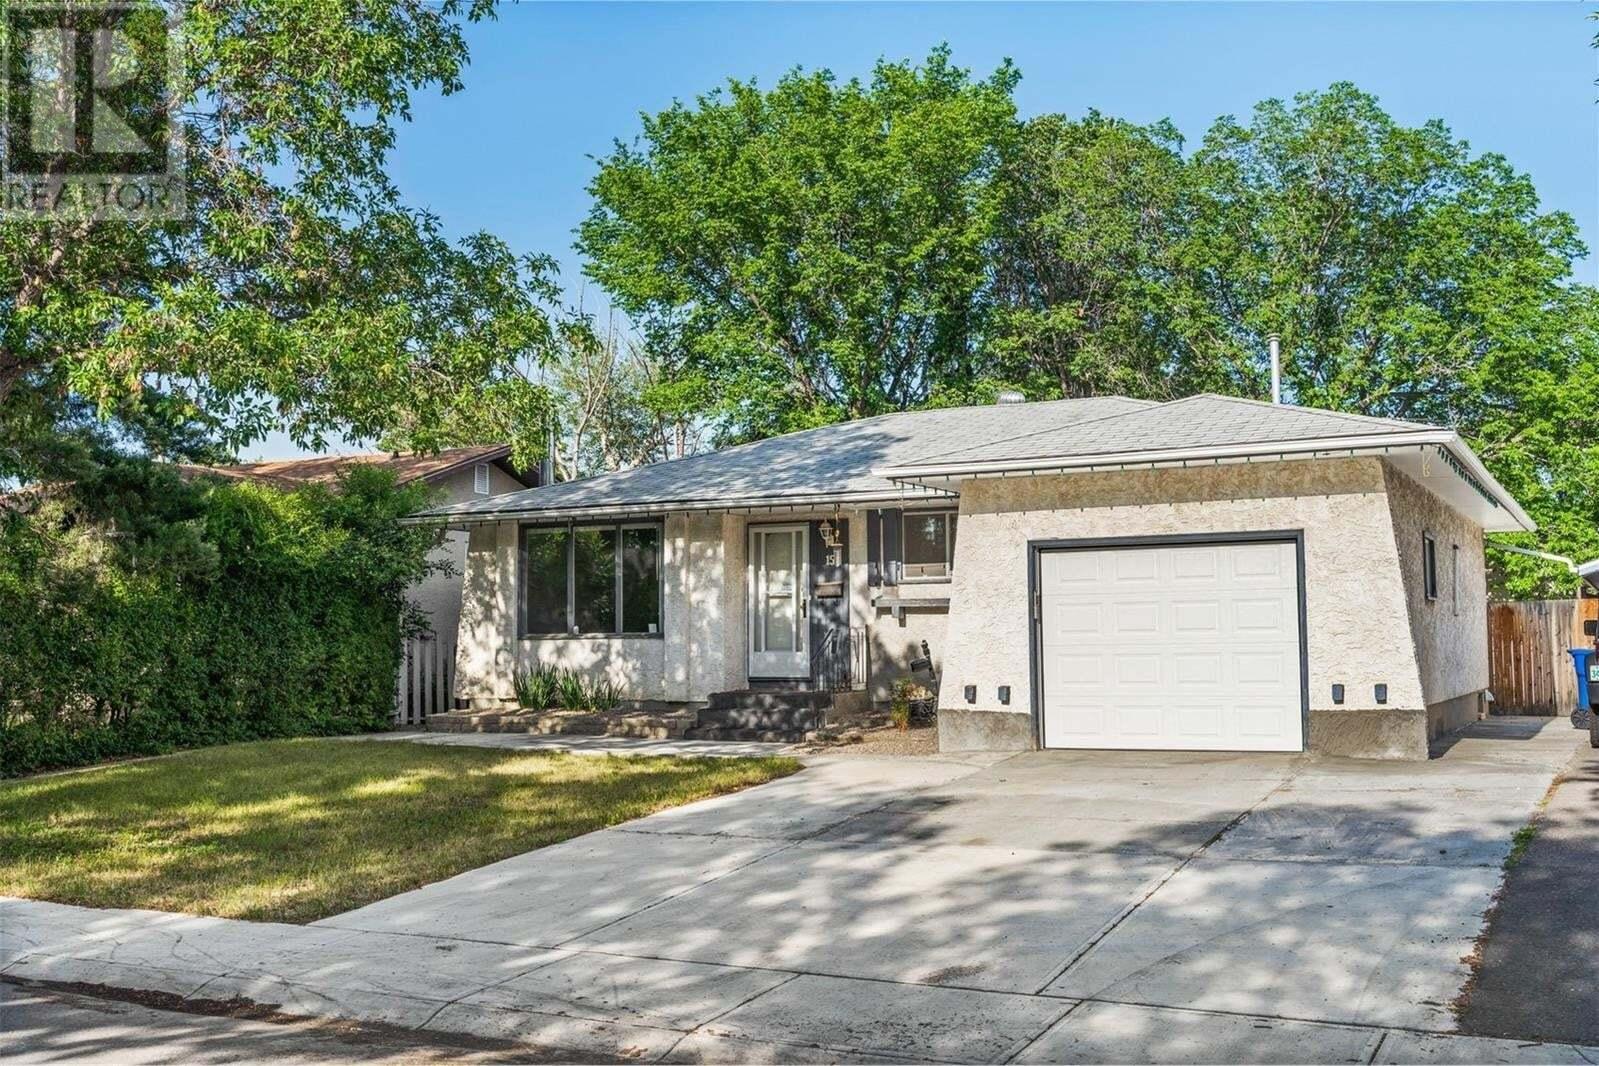 House for sale at 15 Kangles St Regina Saskatchewan - MLS: SK814922